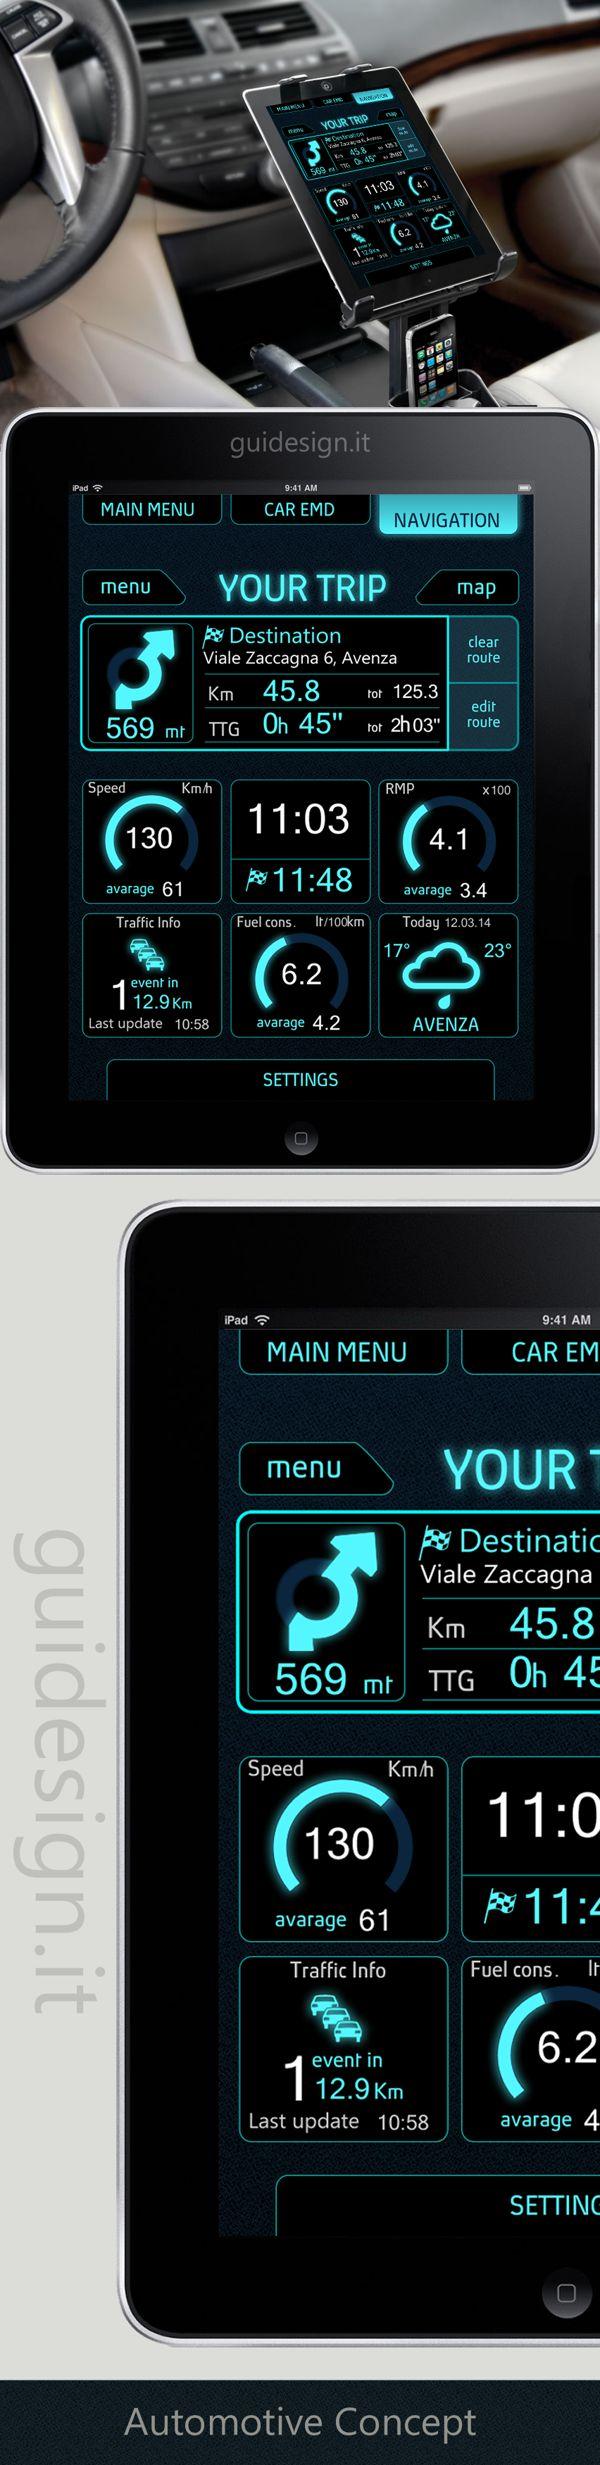 Automotive UI Design Concept by paola gui, via Behance | GUIDESIGN.IT